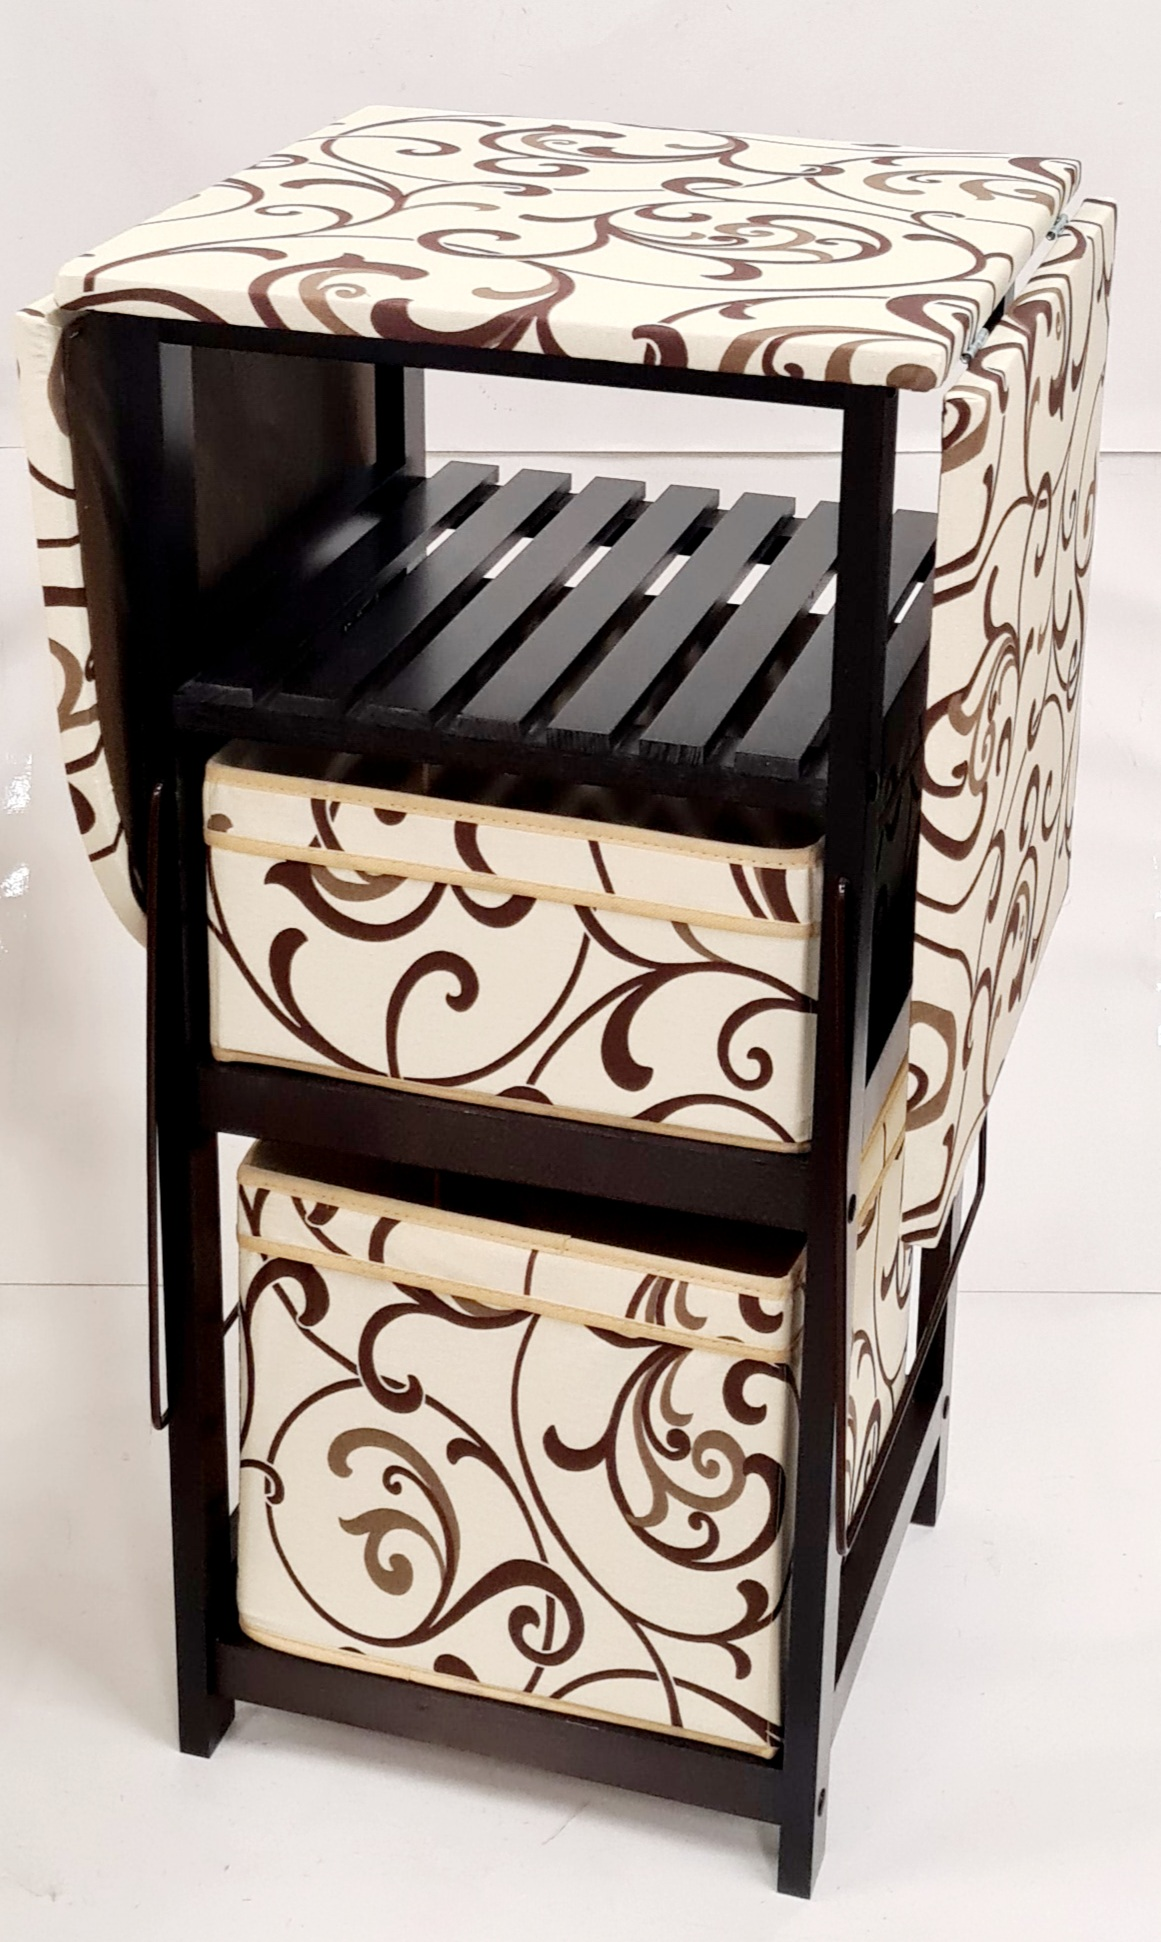 Комод с гладильной доской венге дерево, ящики : ткань венге, кремовая абстракция